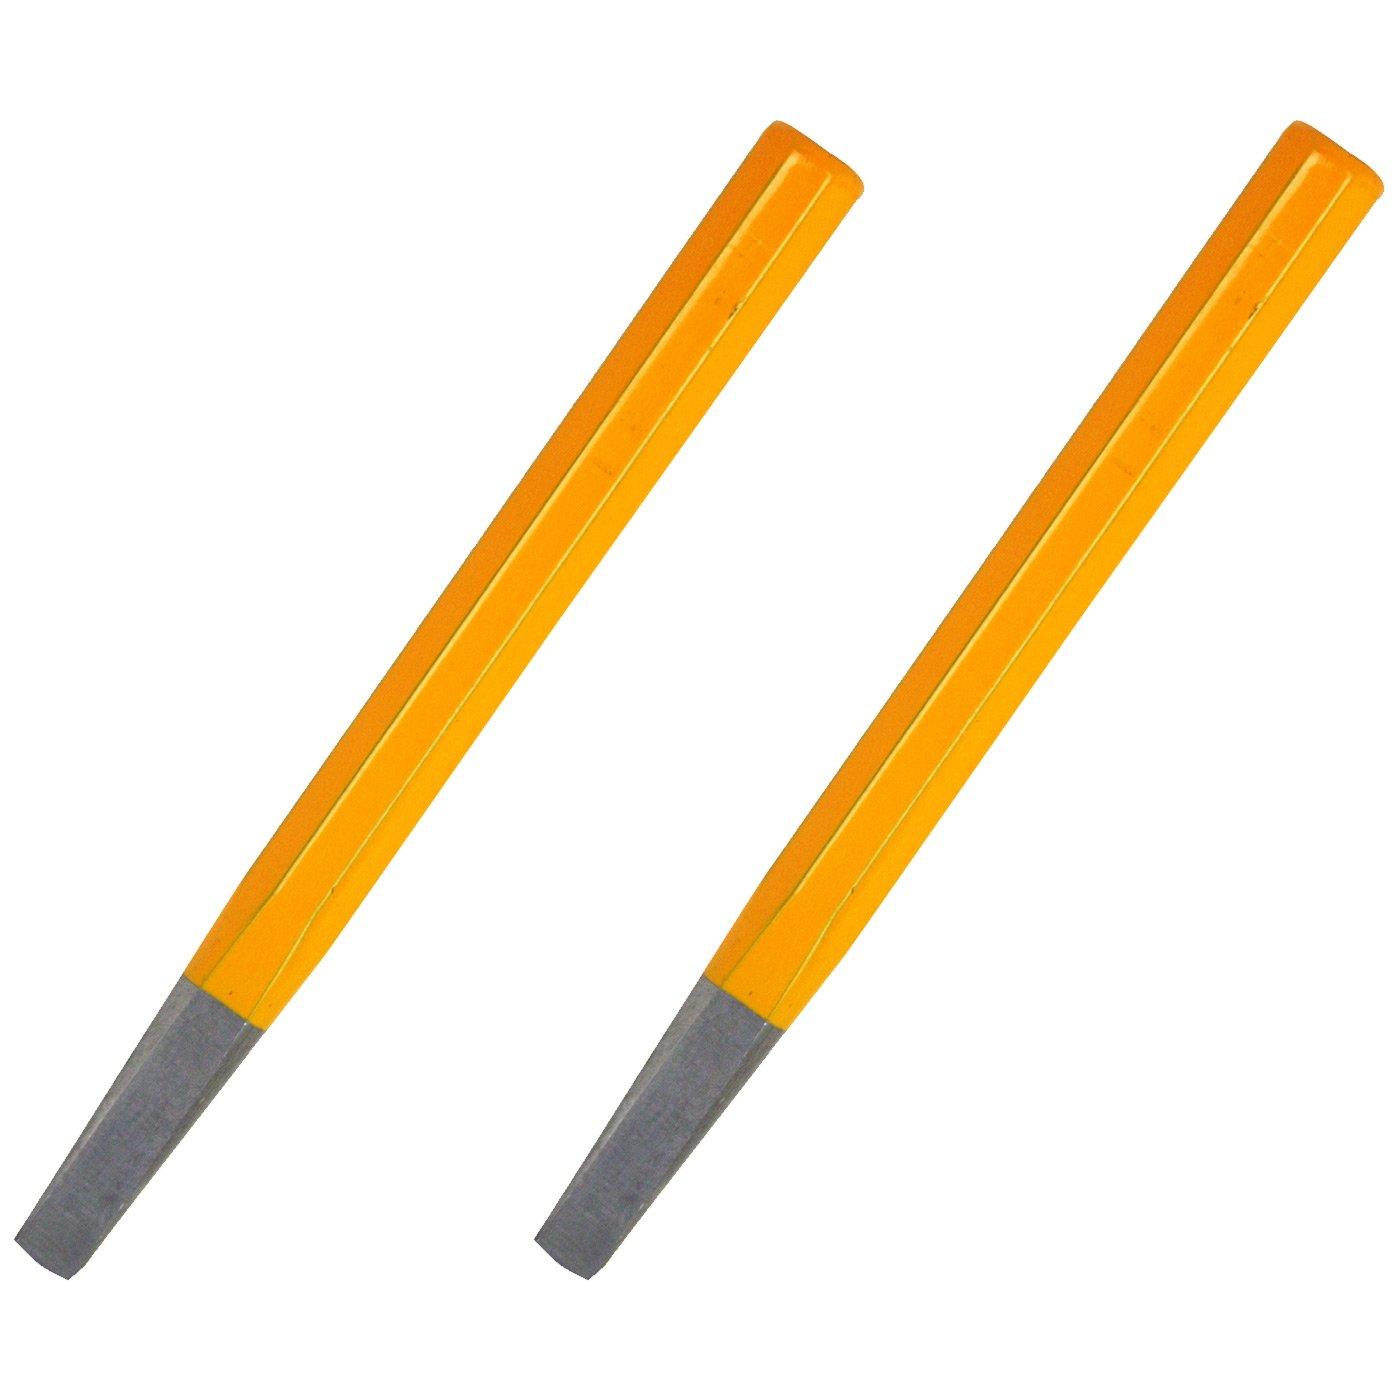 Fastcap 80557 STAPLESETTER 1/4-Inch Staple Setter Punch 1/16-Inch Depth, 2-Pack